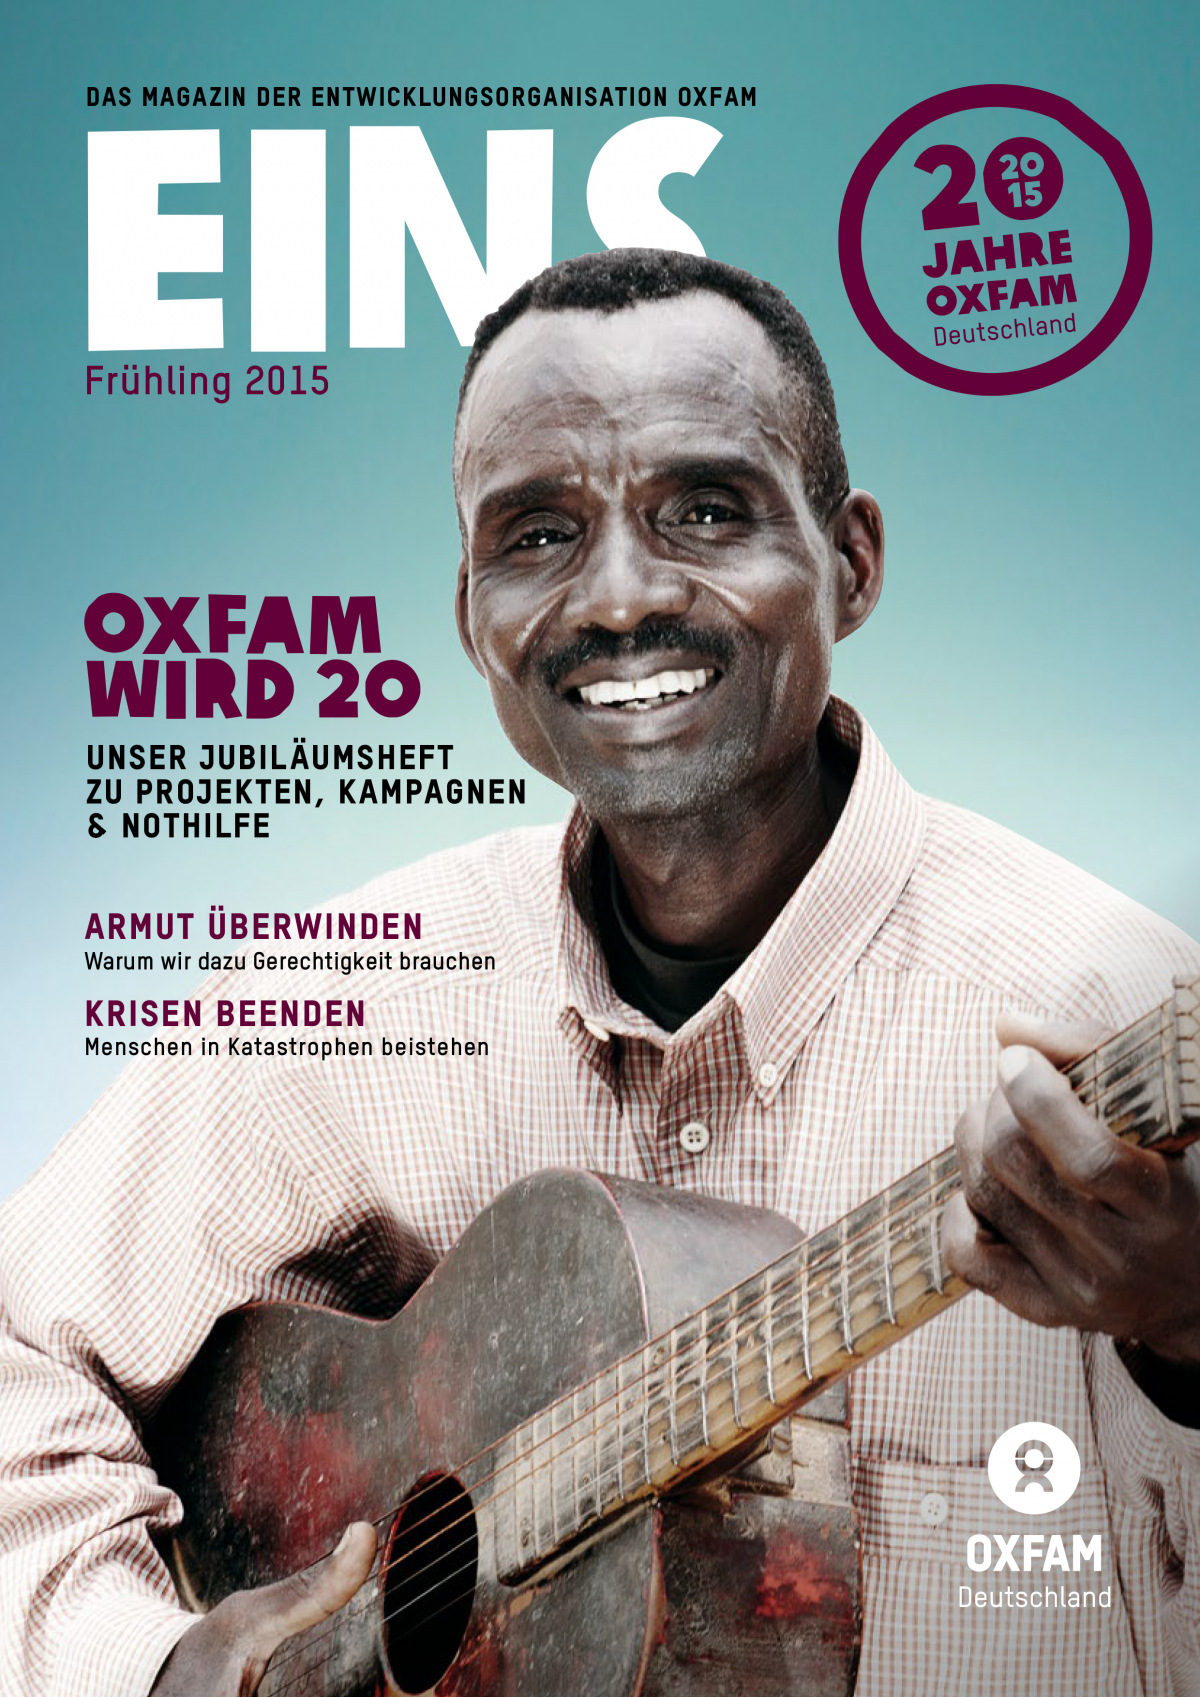 Titelbild vom Oxfam-Magazin EINS (Jubiläumsausgabe Frühjahr 2015)